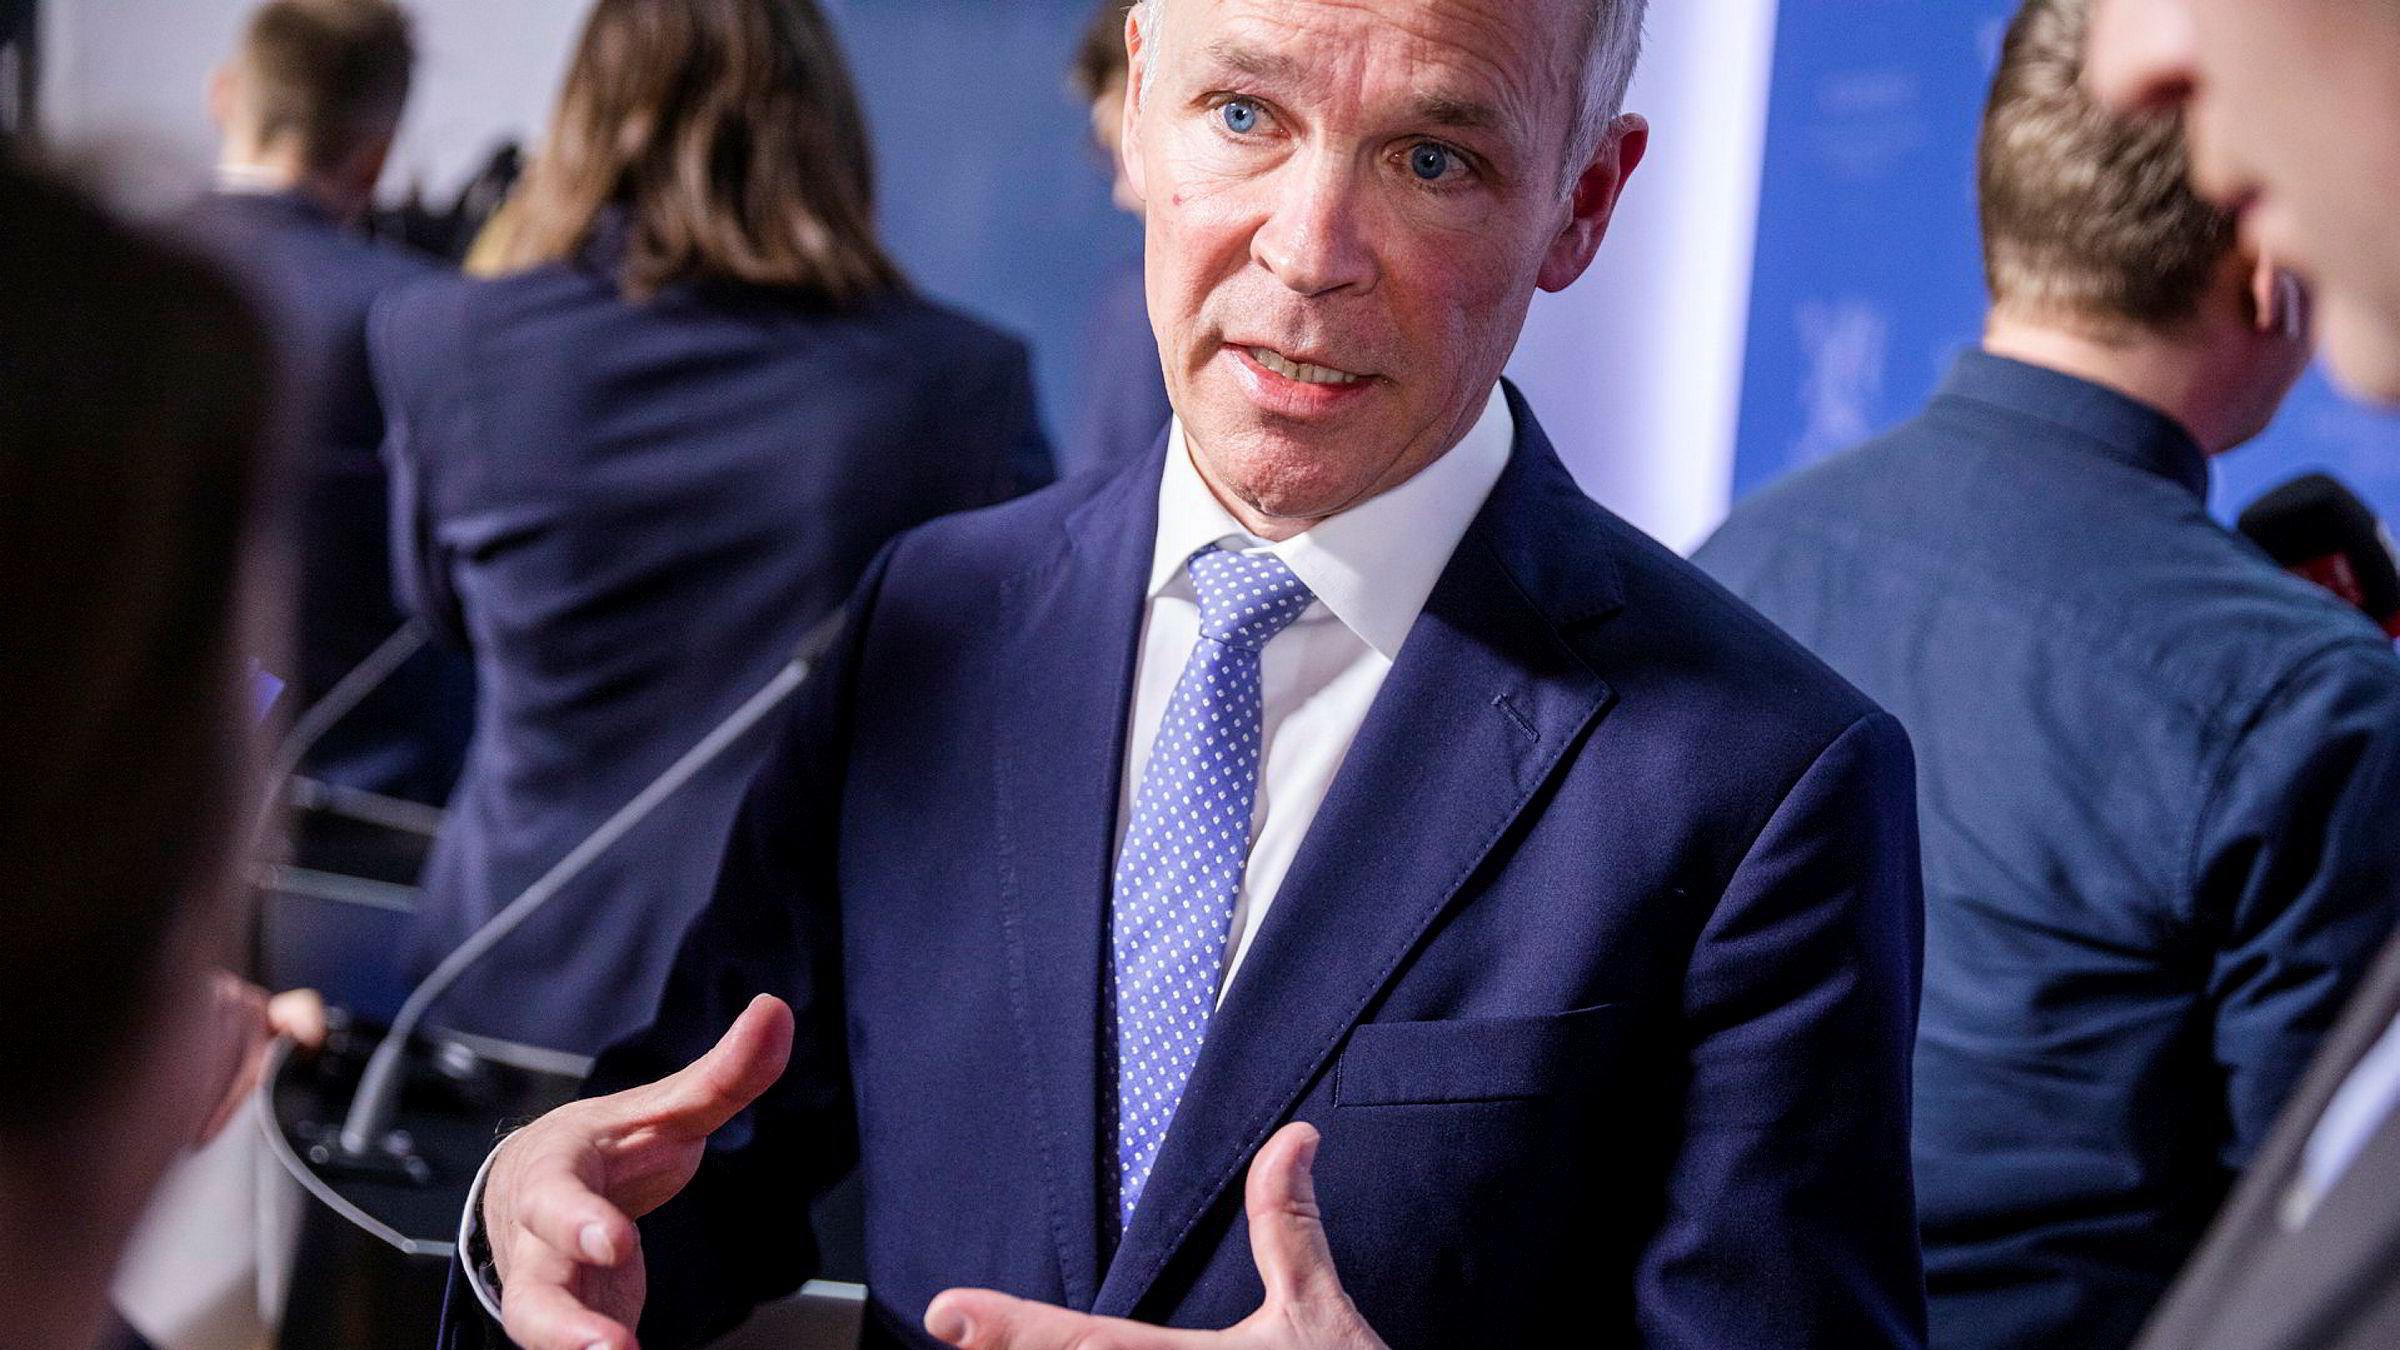 Finansminister Jan Tore Sanner utelukker ikke at en forskrift kan komme på et senere tidspunkt, men sier at en endring som forbyr utbytte er en svært streng inngripen.